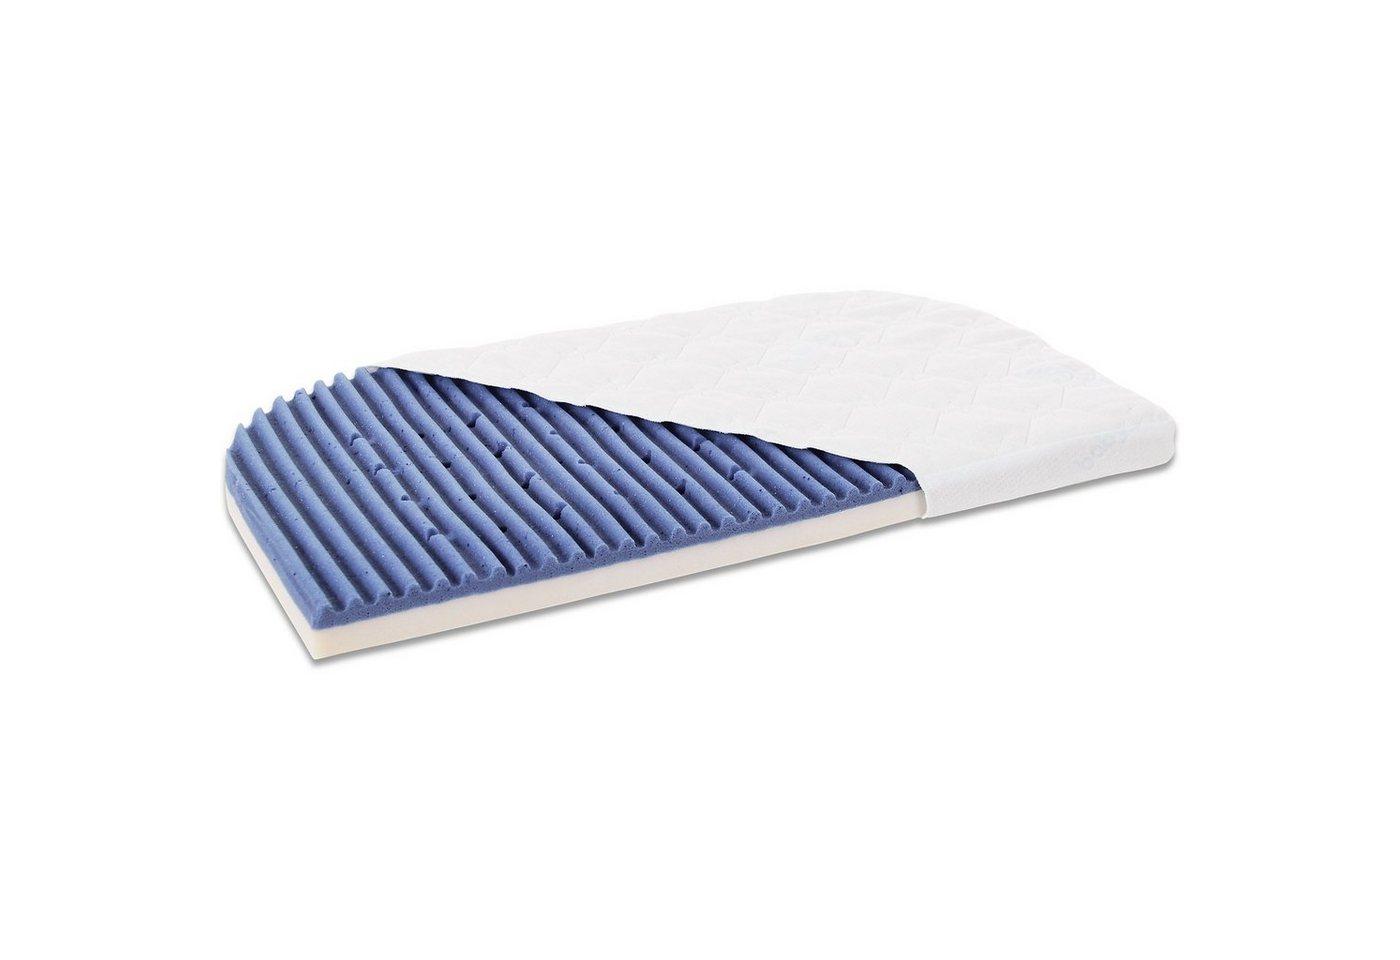 Babymatratzen - Tobi Matratze Medicott AngelWave® für babybay Comfort und Boxspri  - Onlineshop OTTO